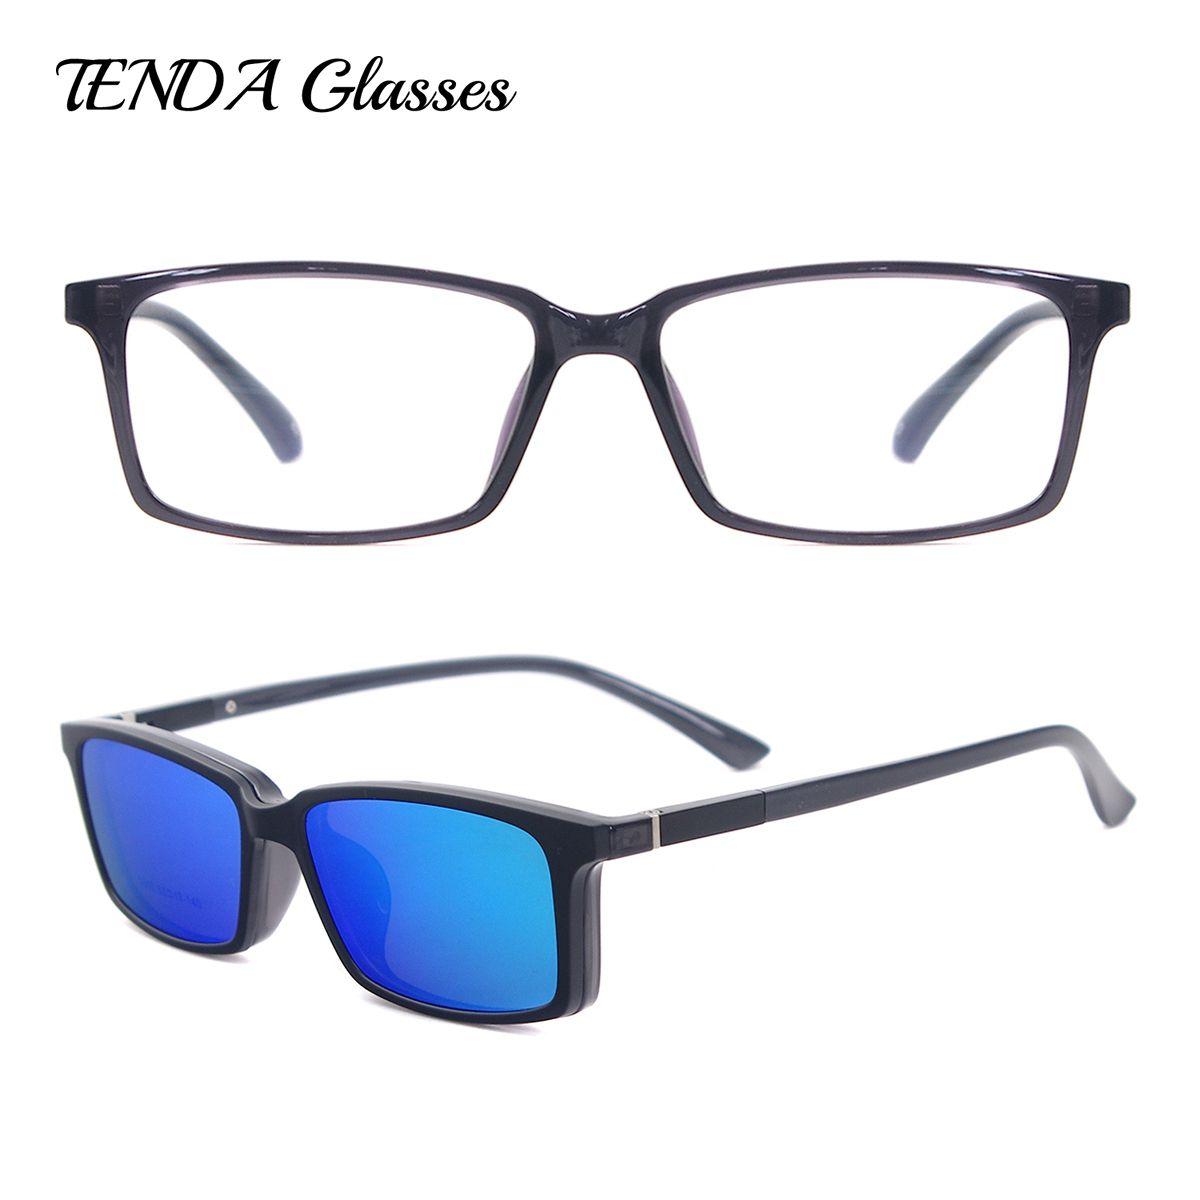 TendaGlasses Léger Flexible Rectangulaire TR90 Hommes Femmes Prescription De Lunettes Cadre avec Polarisées Clip Sur des lunettes de Soleil